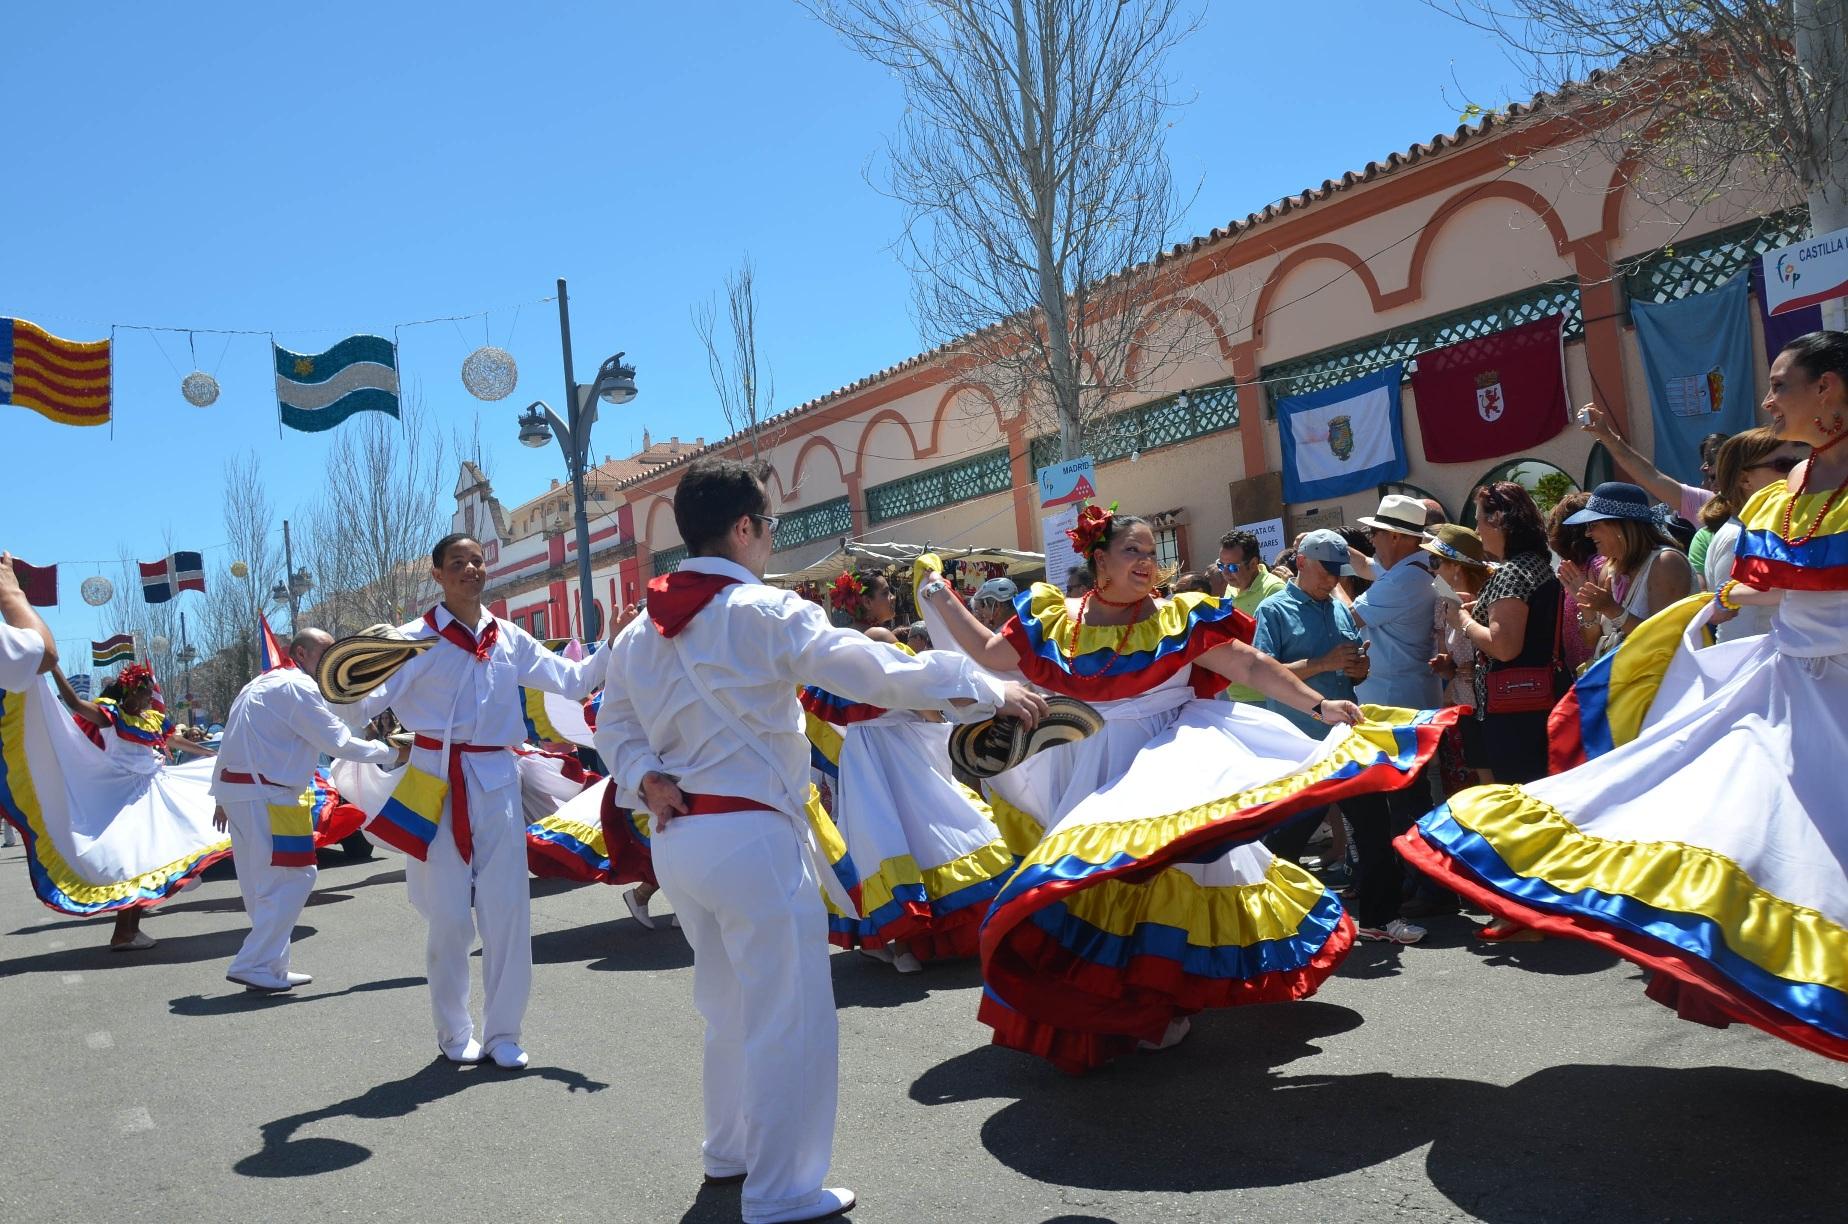 Feria De Los Pueblos or Around the World in 5 Days 93